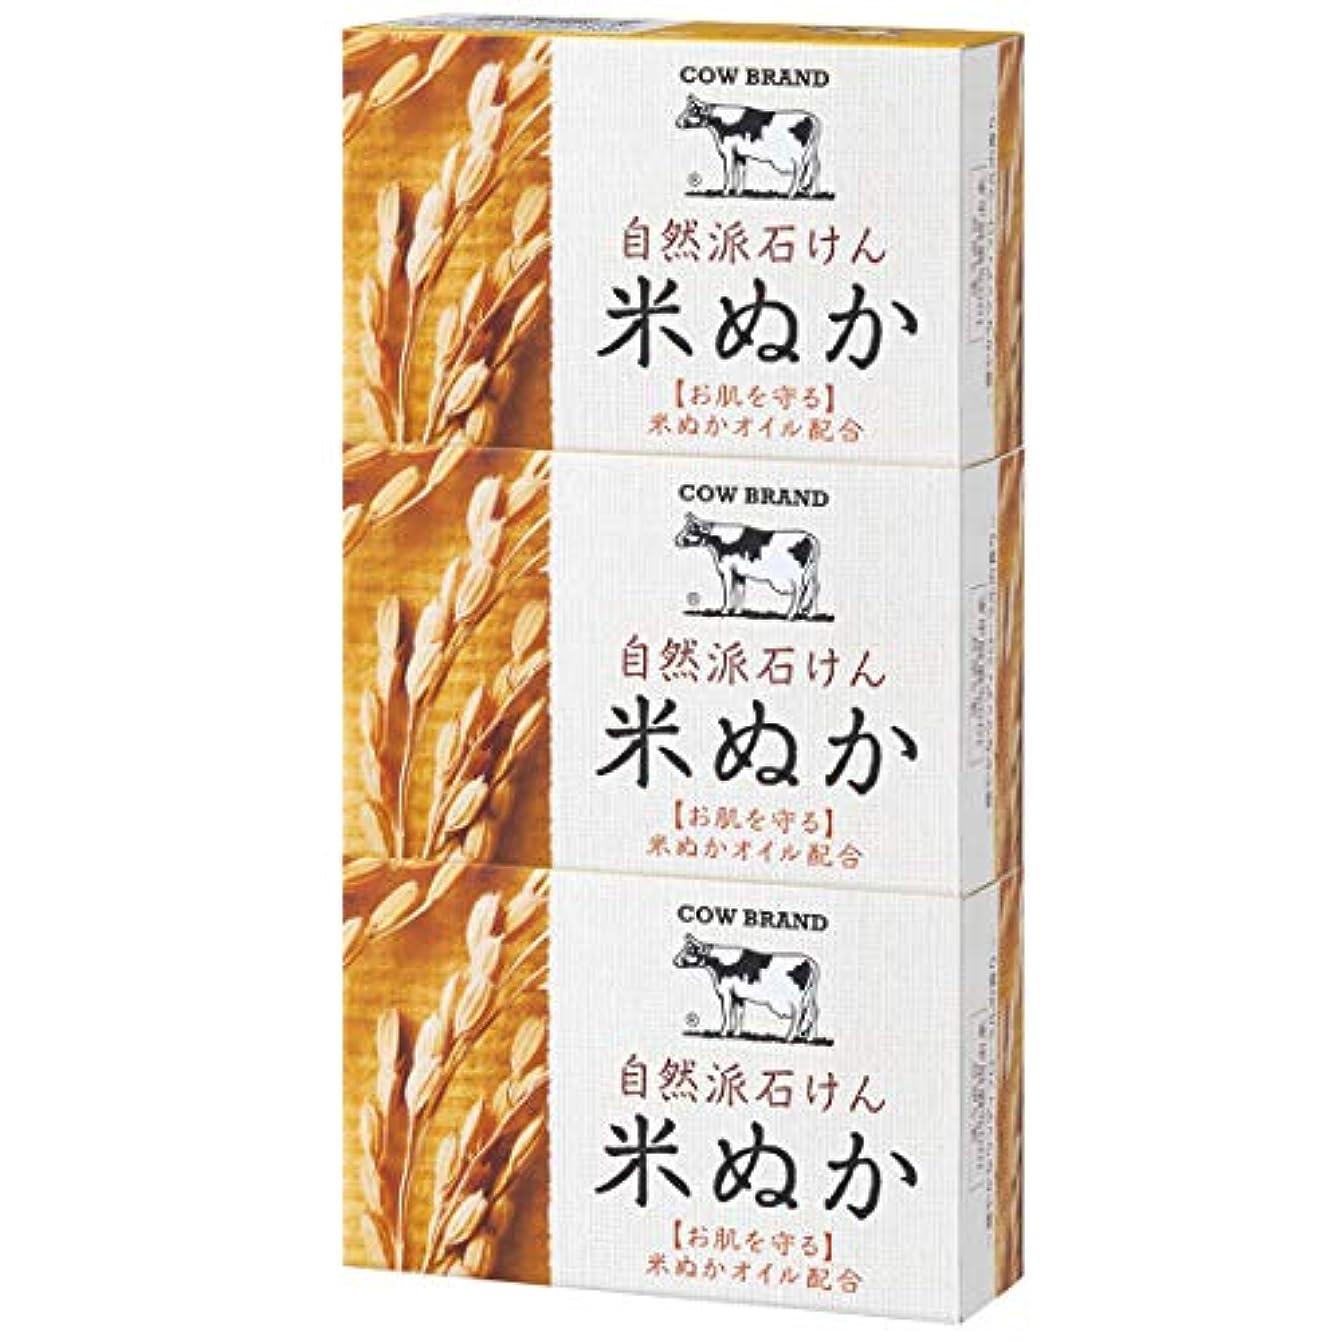 整理する同一性ミルクカウブランド 自然派石けん 米ぬか 100g*3個